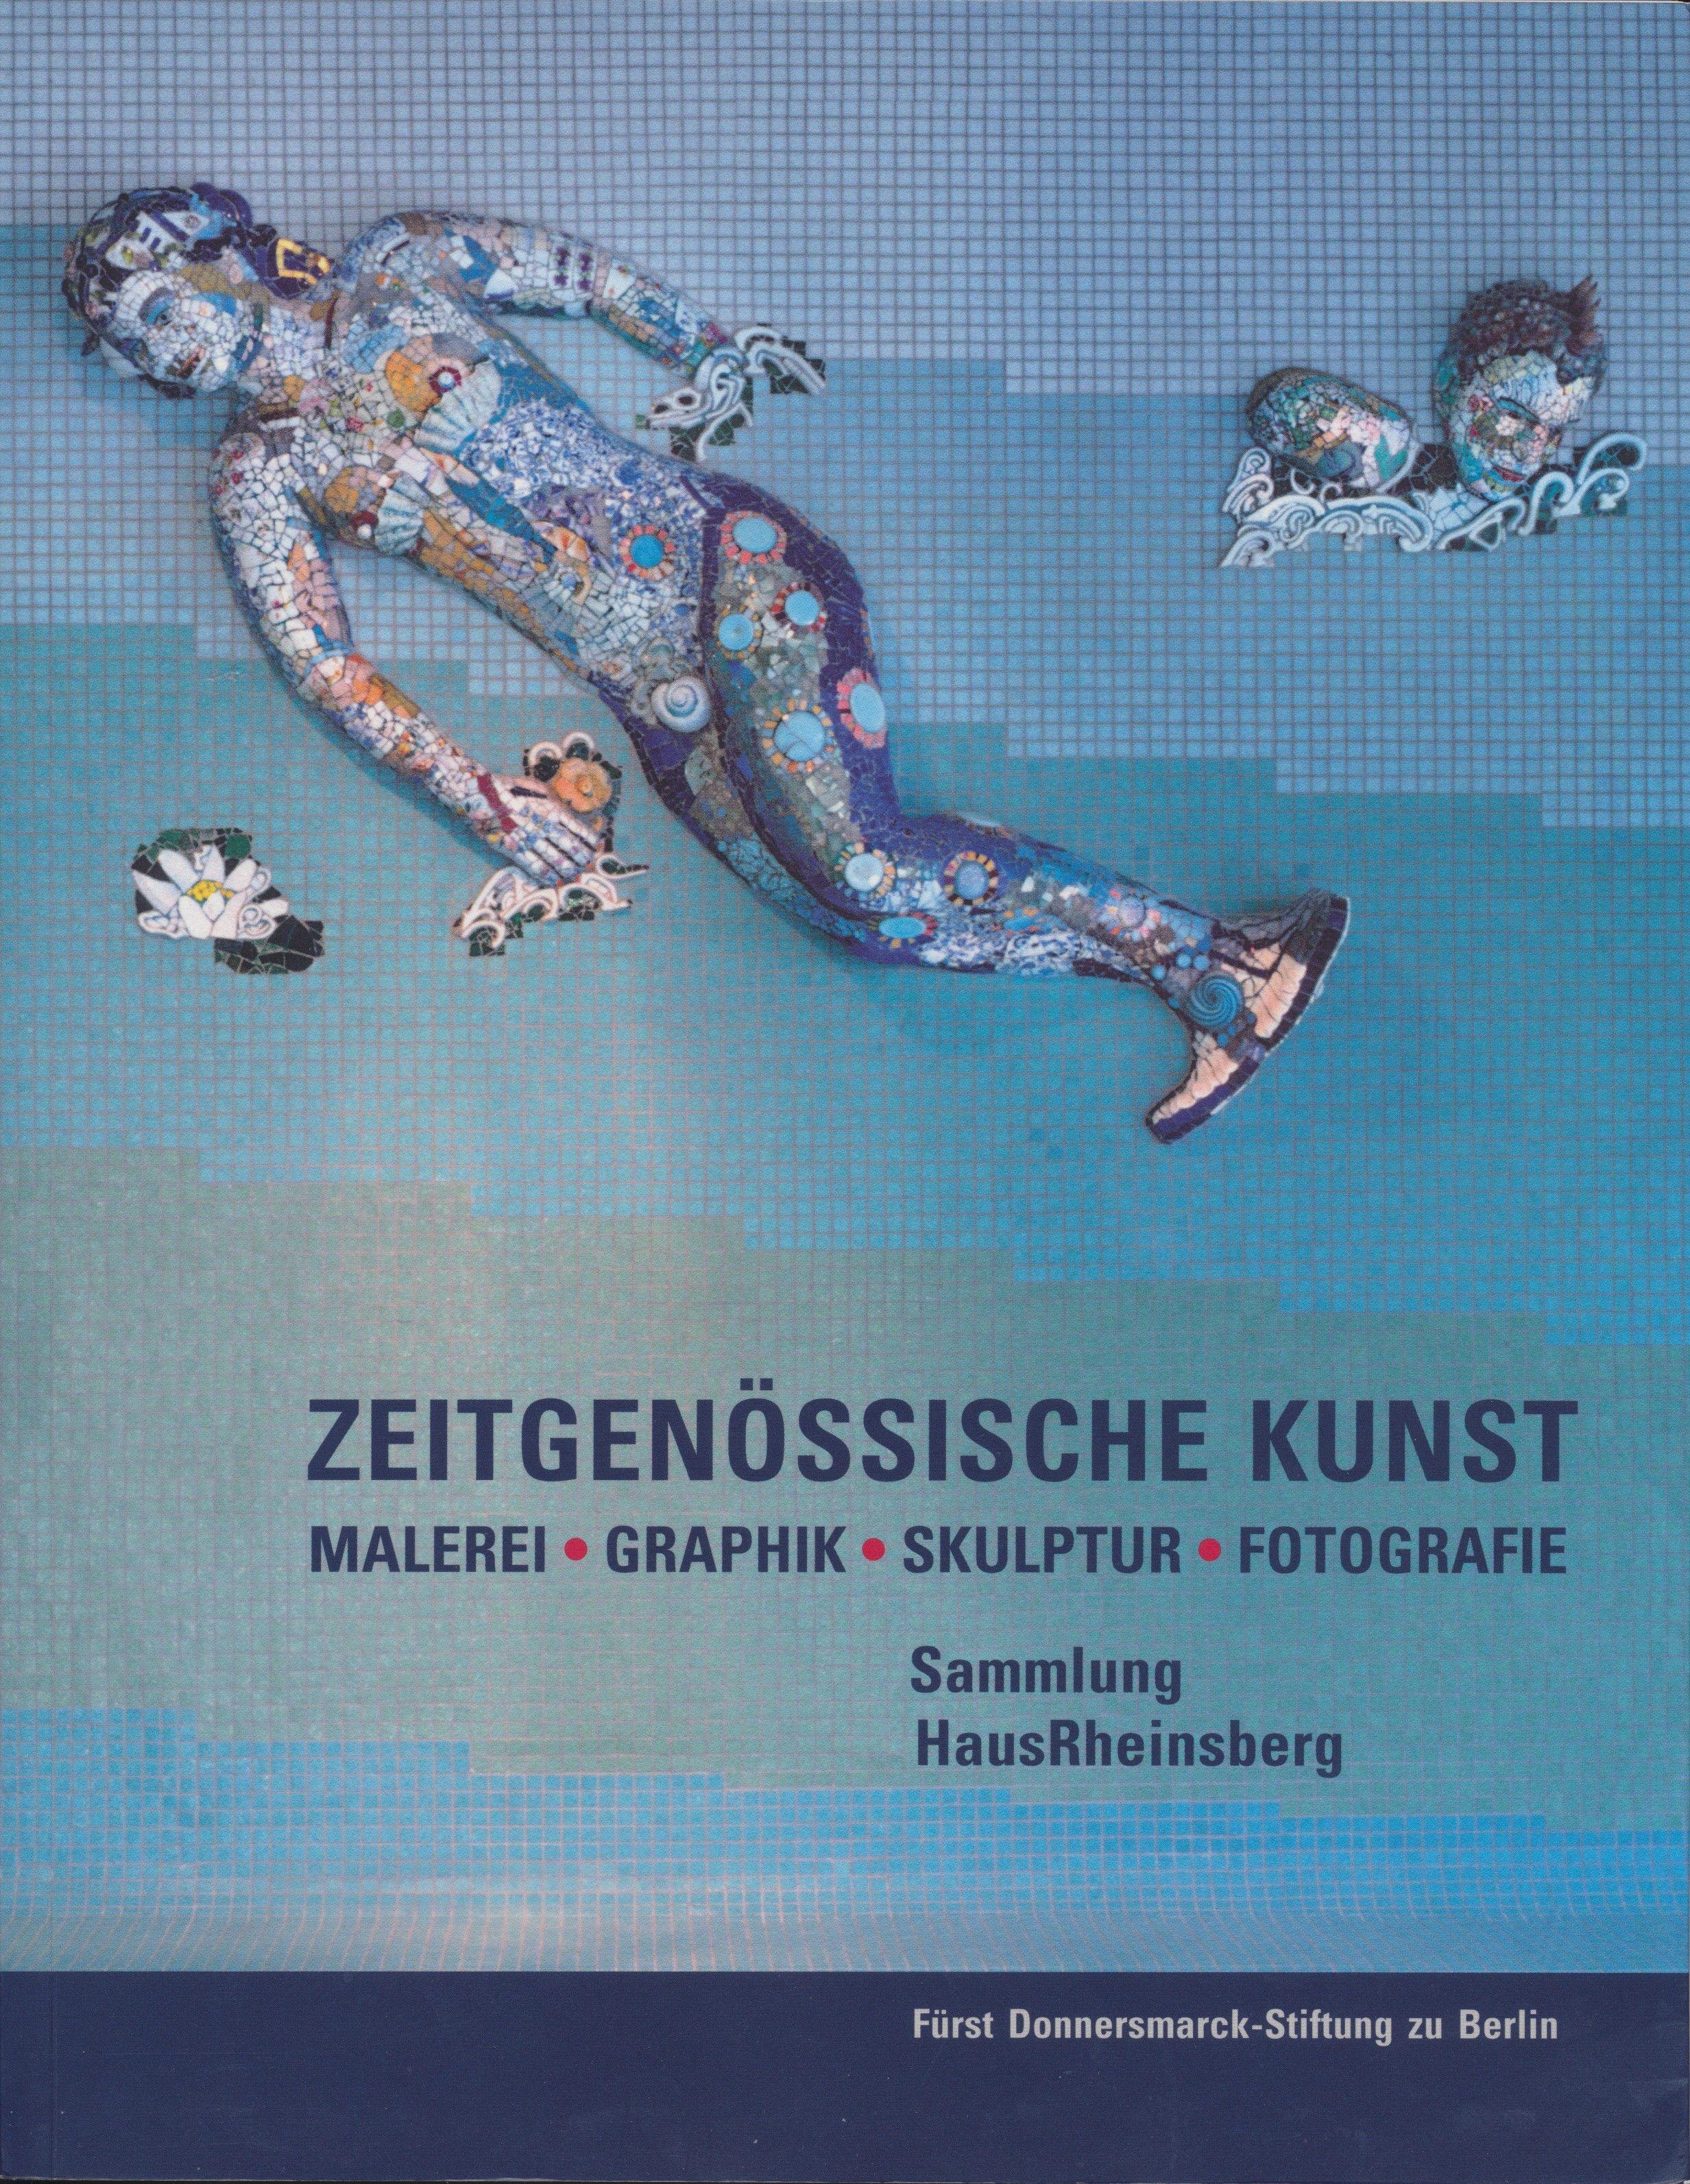 ZEITGENÖSSISCHE KUNST Sammlung HausRheinsberg von Volpert, Astrid: Ma